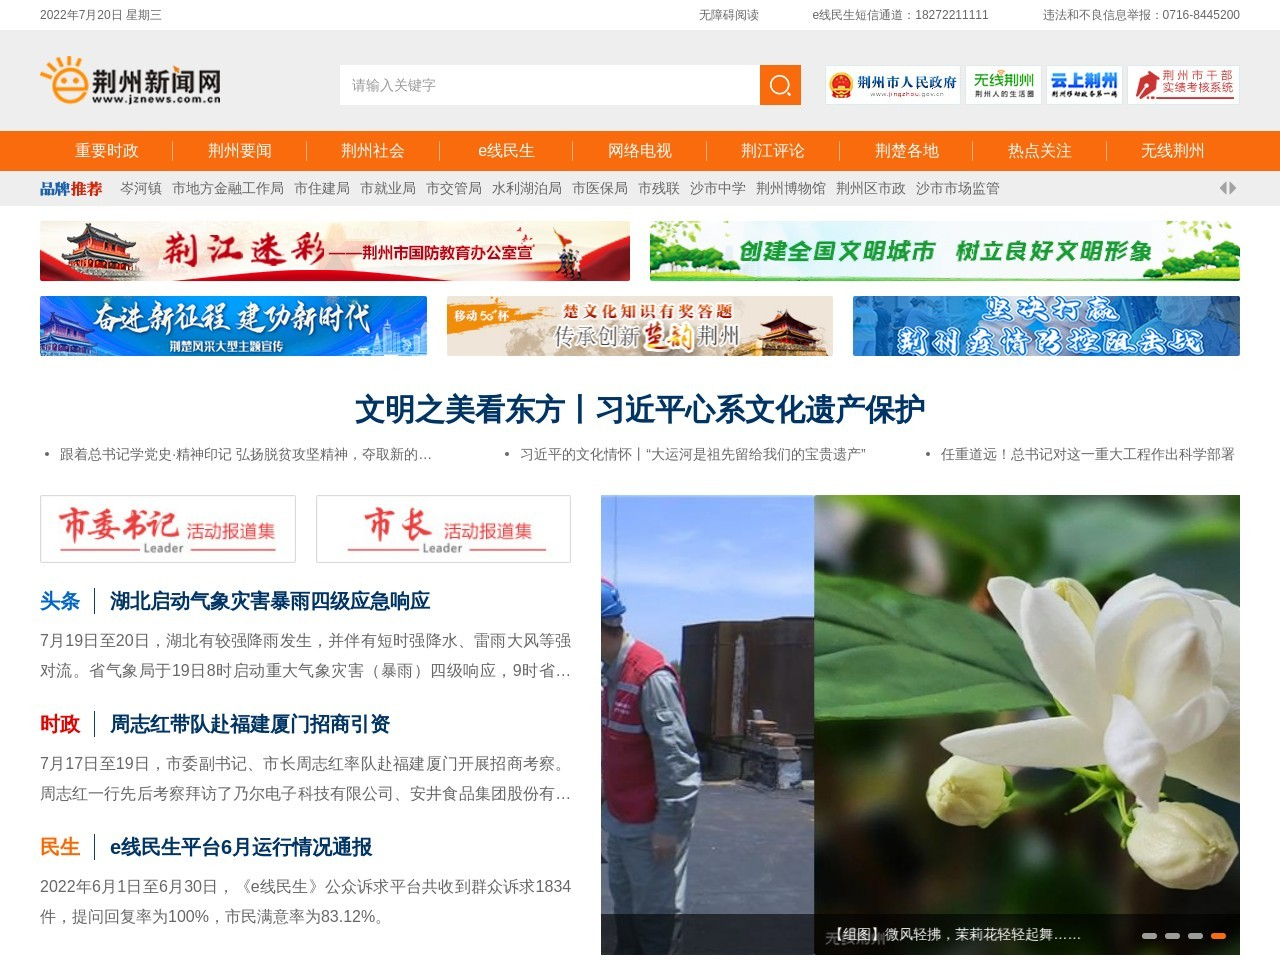 荆州新闻网的网站截图